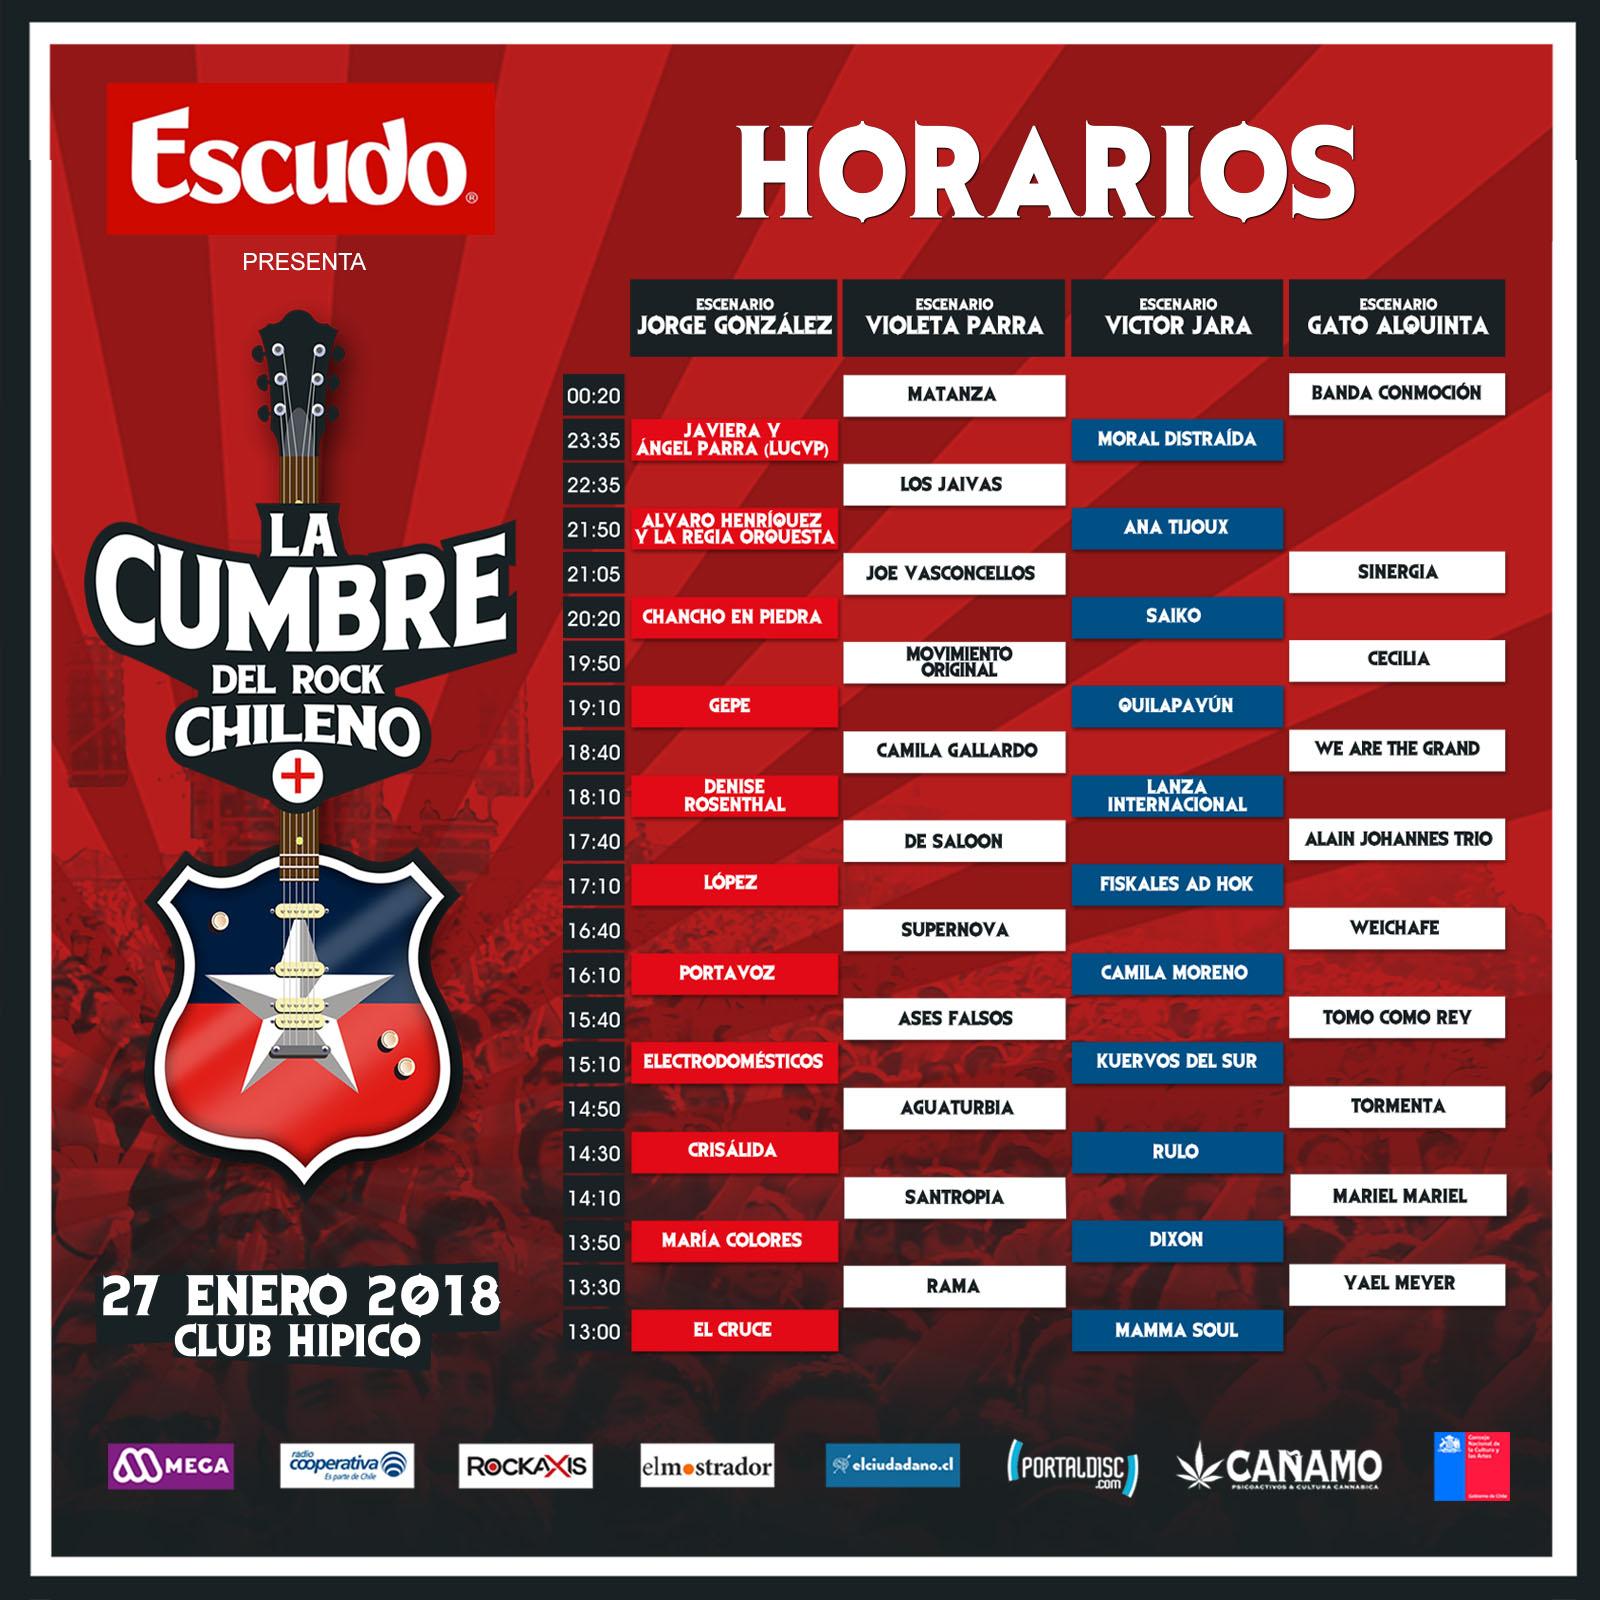 La Cumbre del Rock Chileno confirmó los horarios de su quinta edición